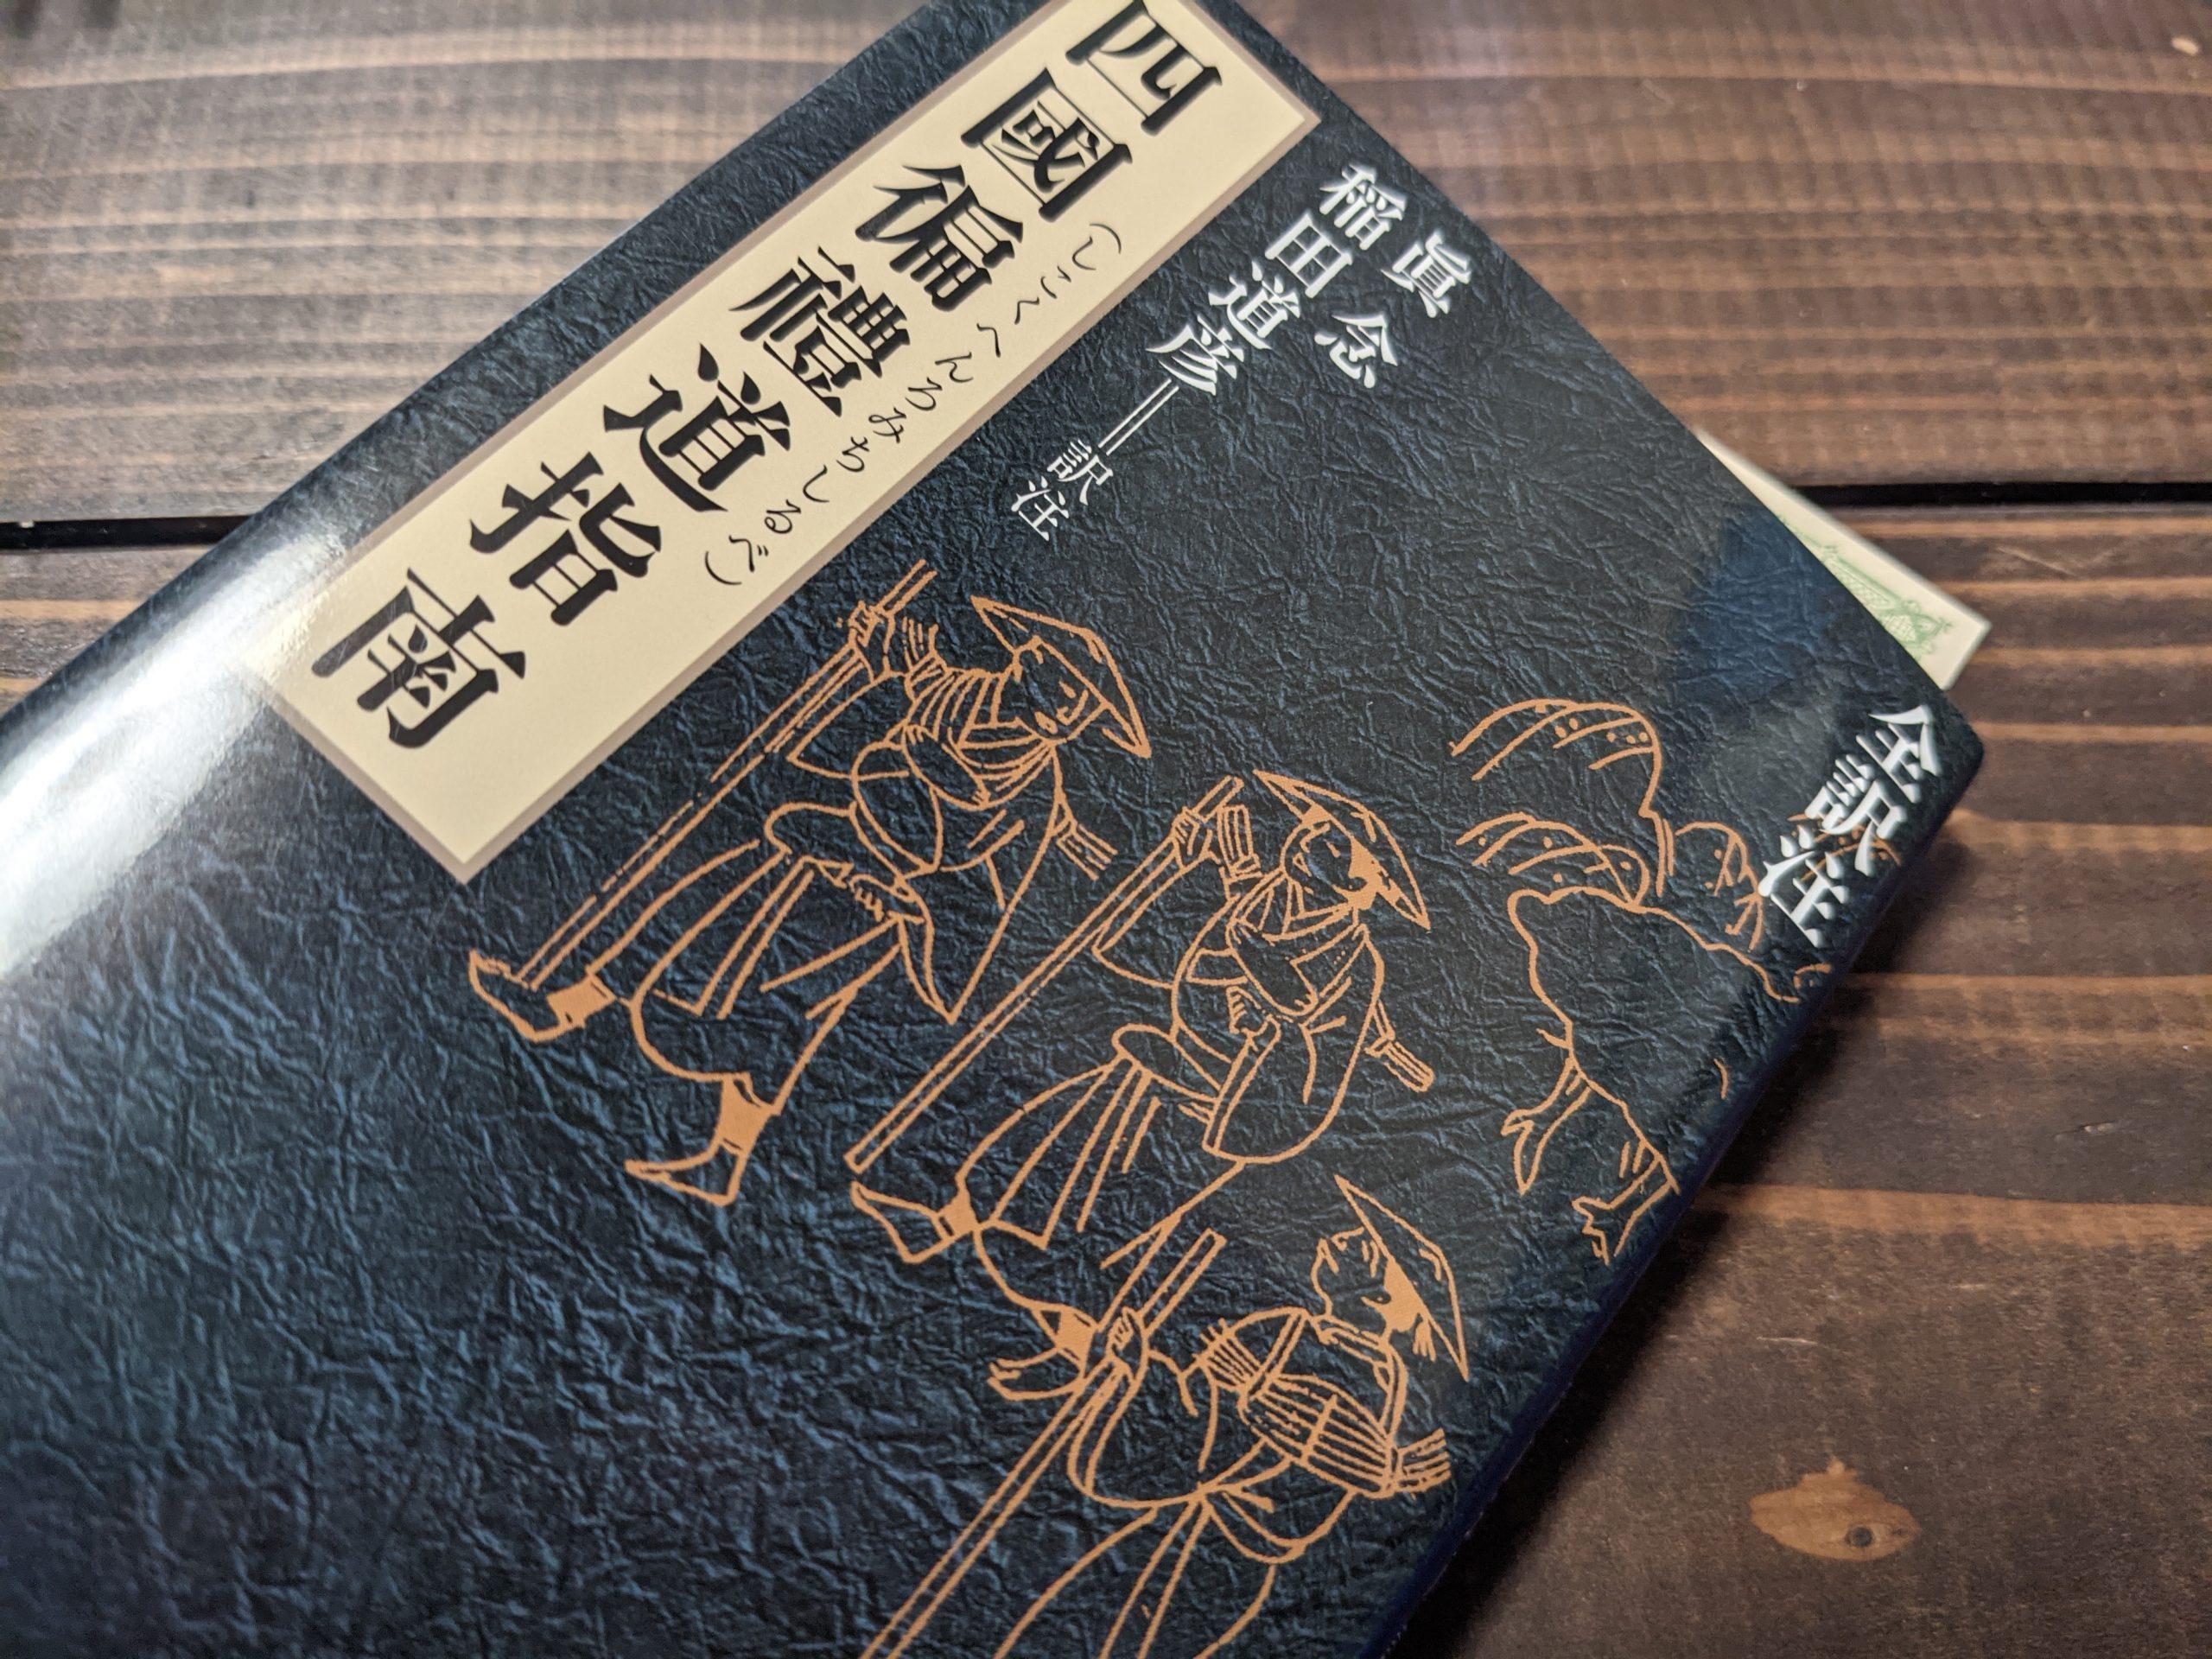 四國遍路道指南(しこくへんろみちしるべ)を読んだ